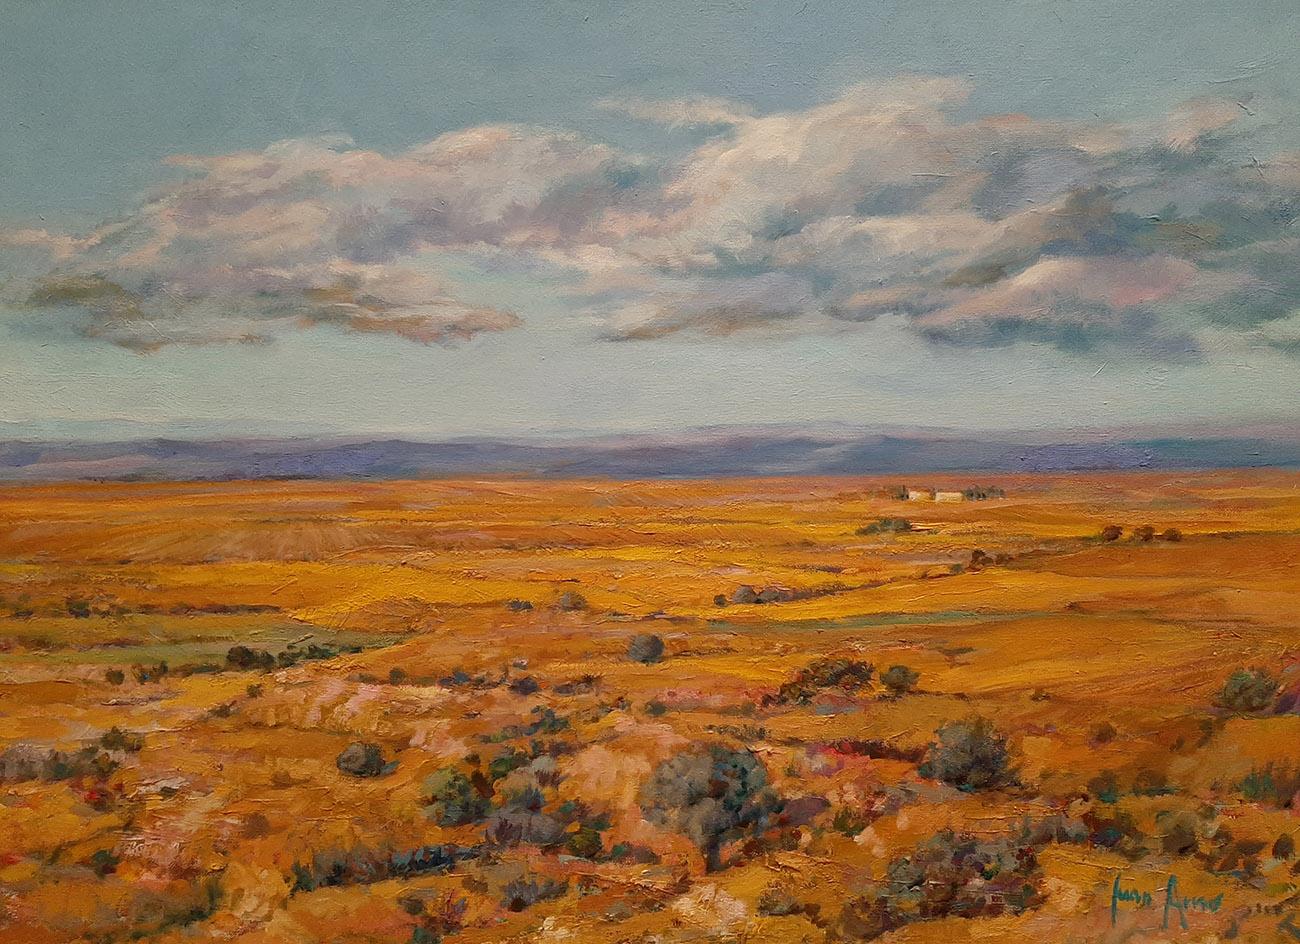 Juan Amo. (2002). La Mancha de Juan Amo. Óleo - Lienzo. 53 x 72. Colección Privada.